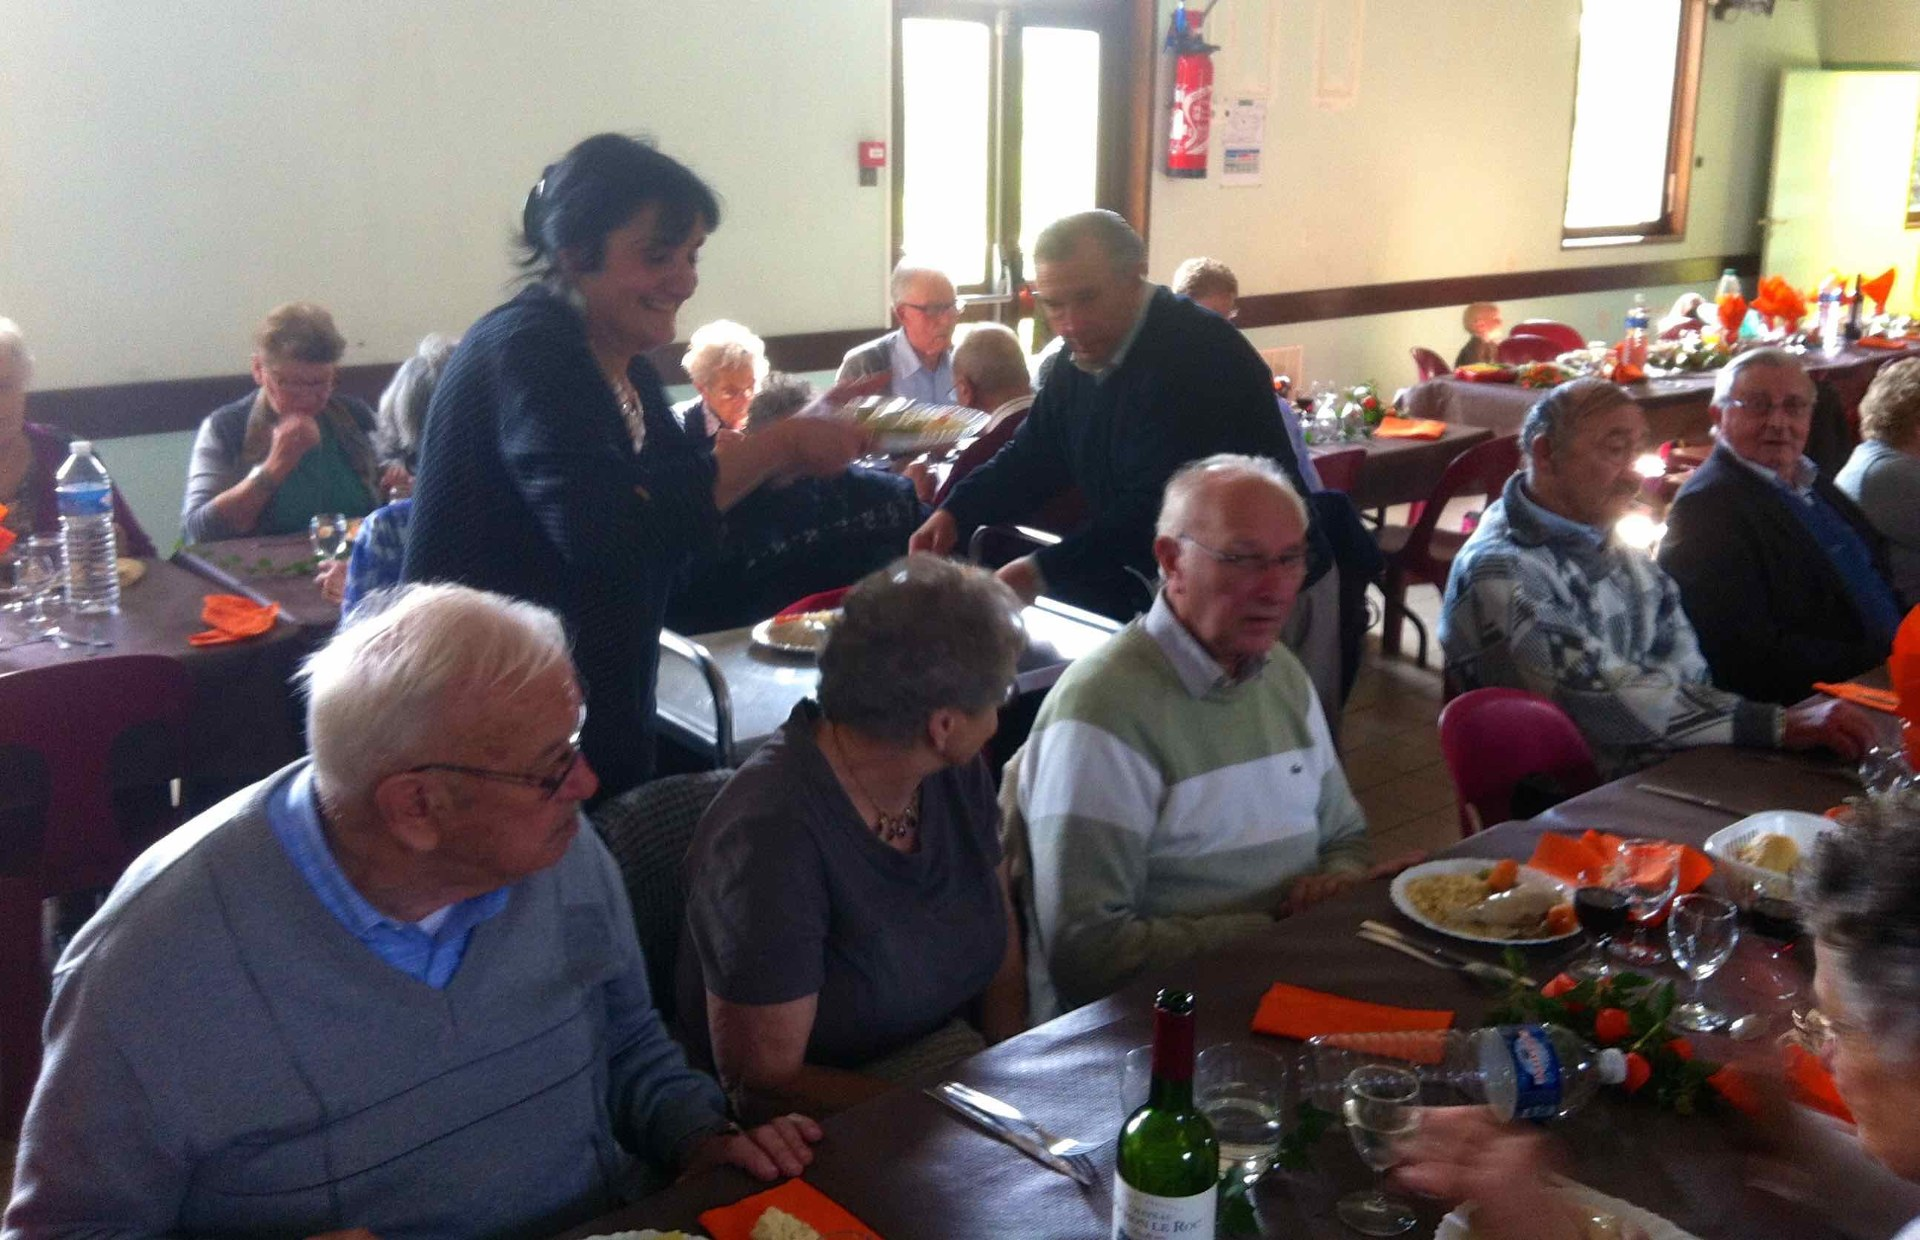 Cette année, c'est le relai de Dompierre qui accueille et sert le repas paroissial.